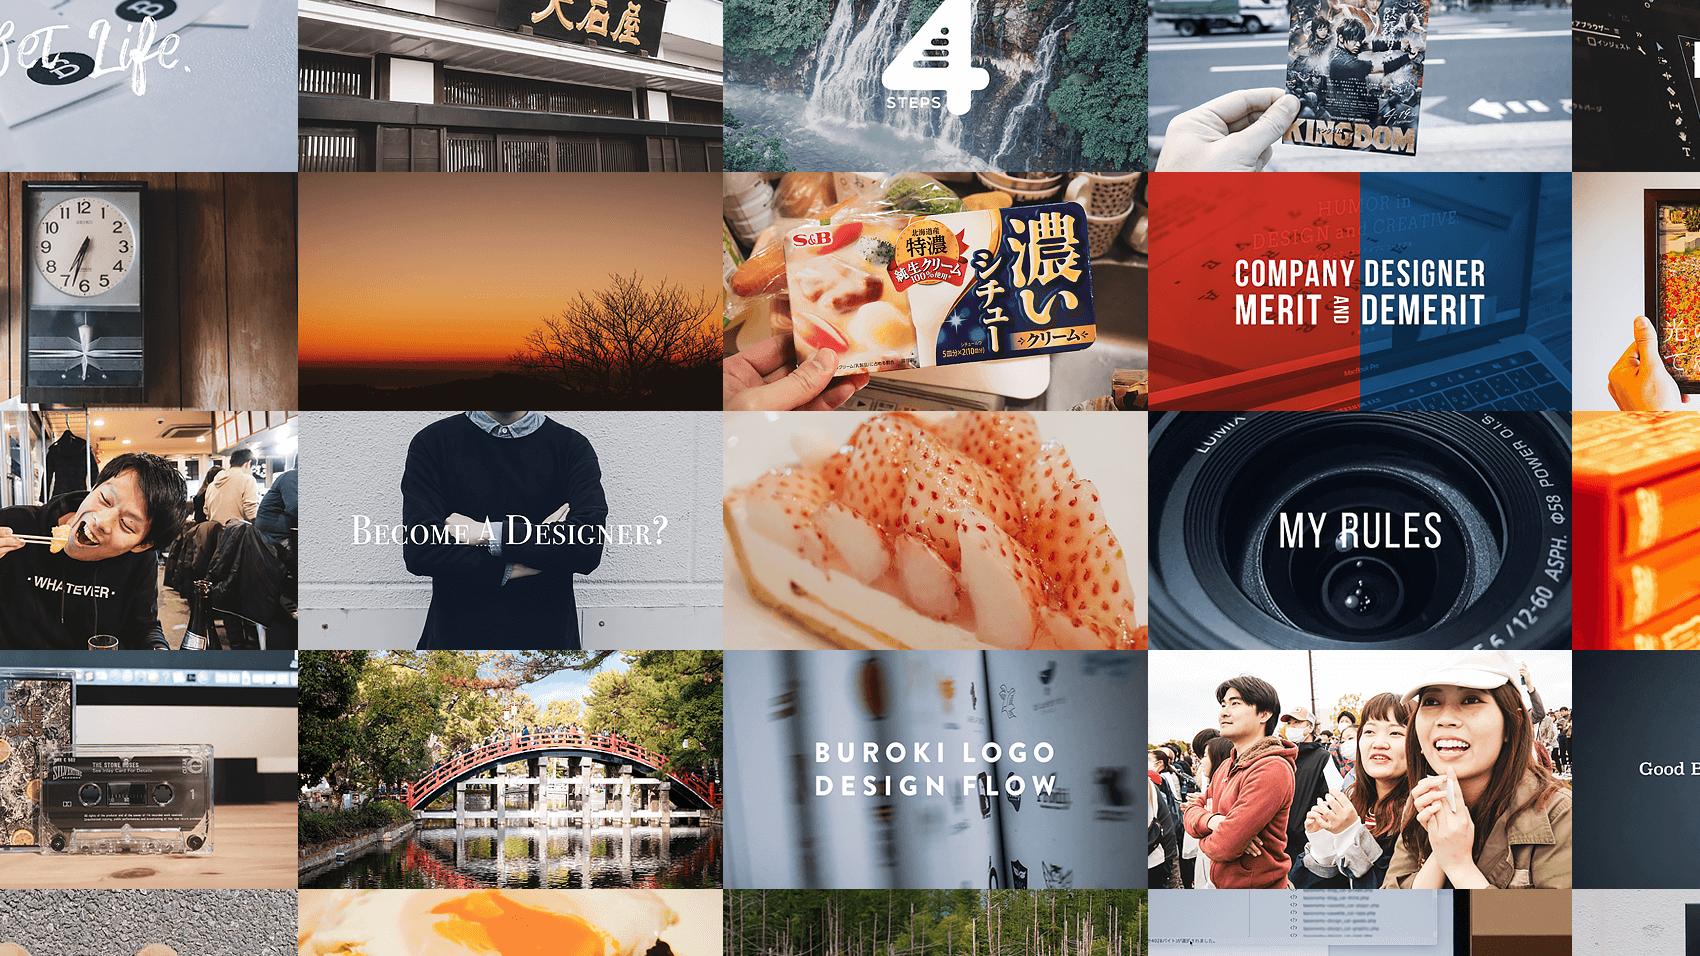 2019年元日から平成最後の日までの間でよく見られていたブログ記事ベスト5